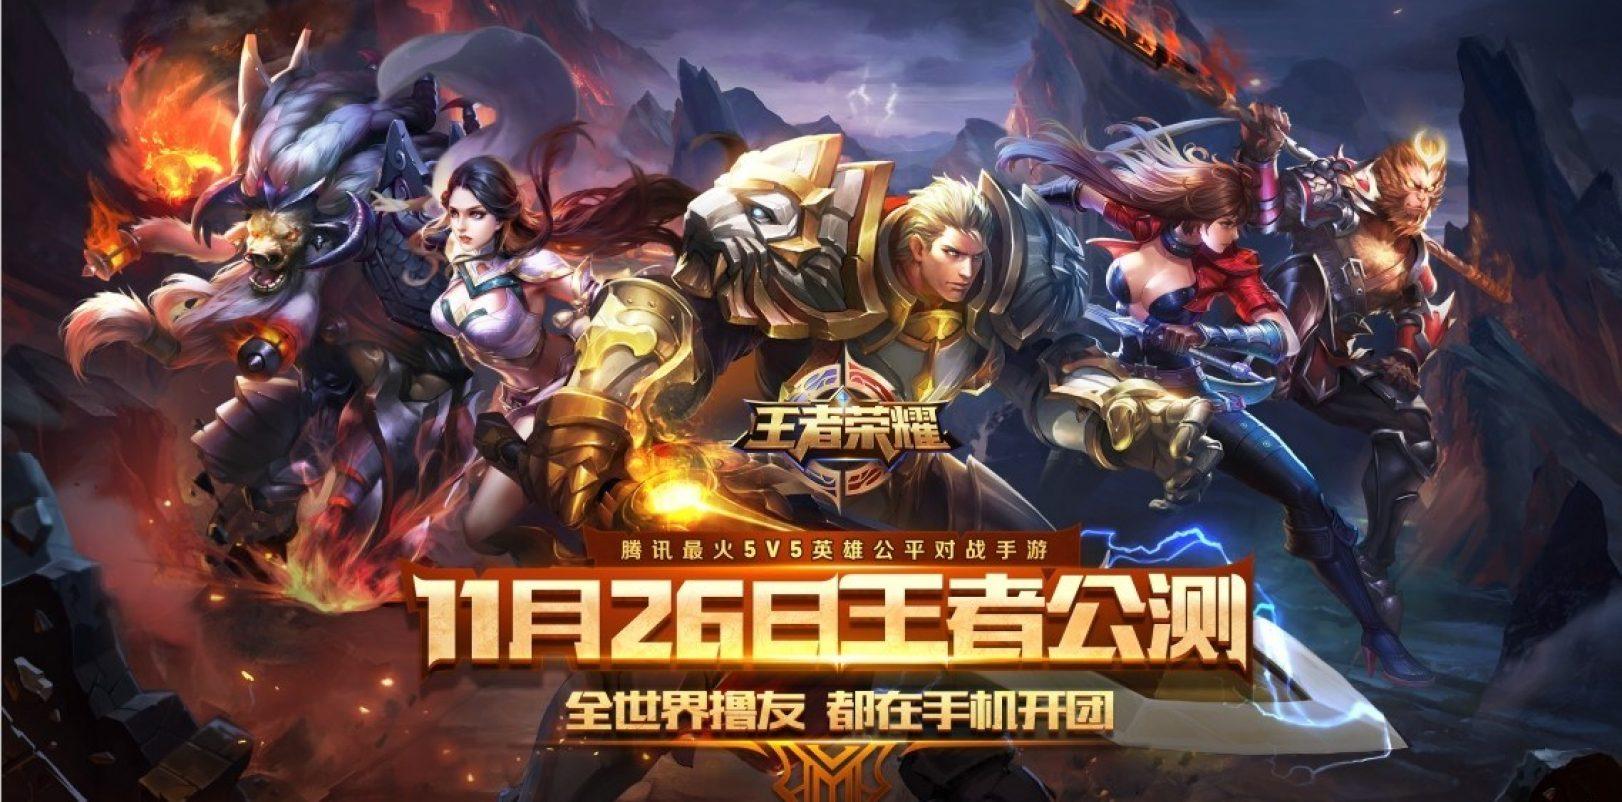 Китайский рынок видеоигр заработал свыше $10 млрд за третий квартал